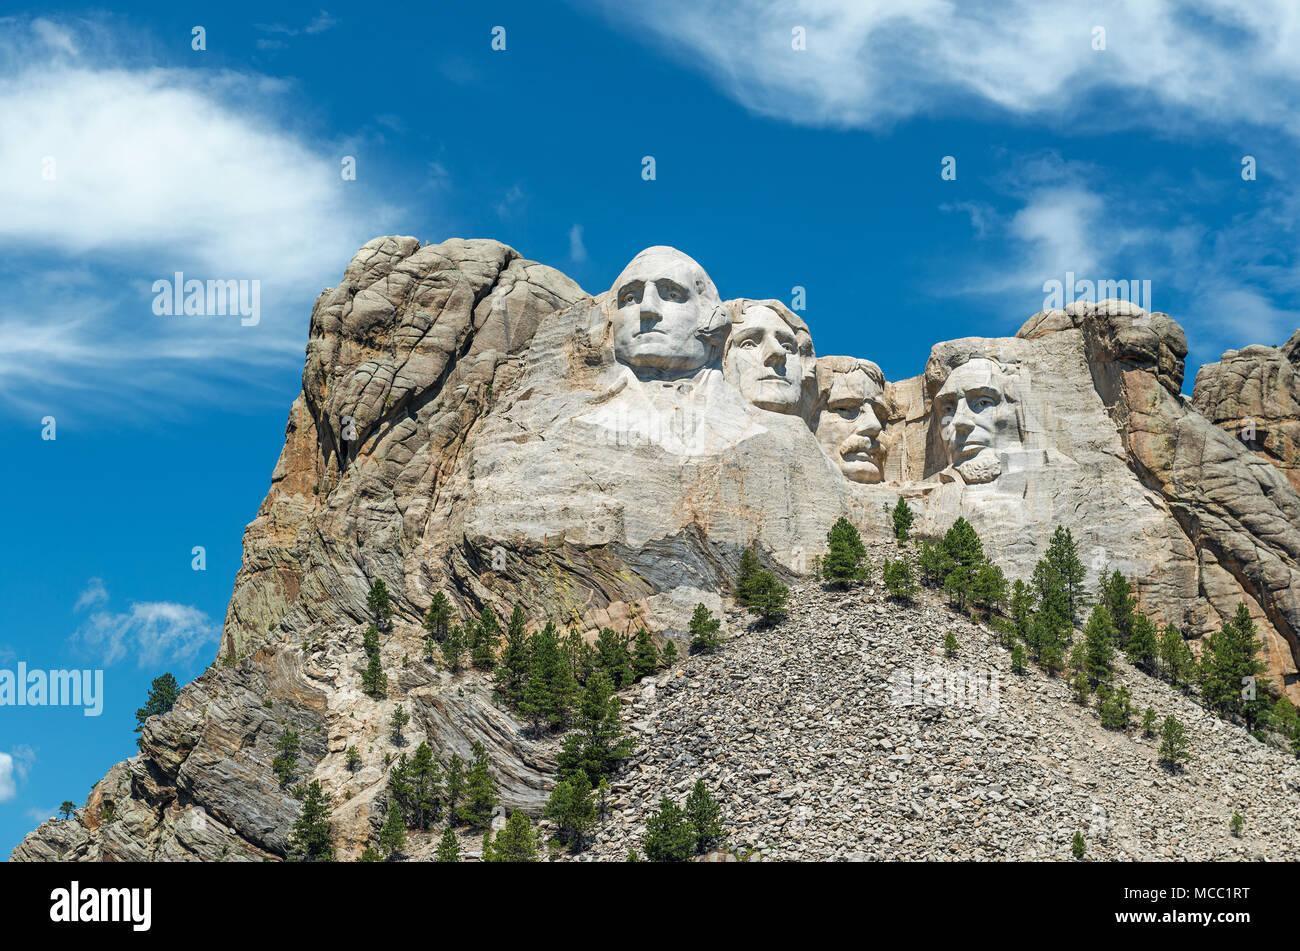 Grand angle de visualisation complète de Mount Rushmore national monument avec la forêt environnante et la nature près de Rapid City dans le Dakota du Sud, USA. Photo Stock